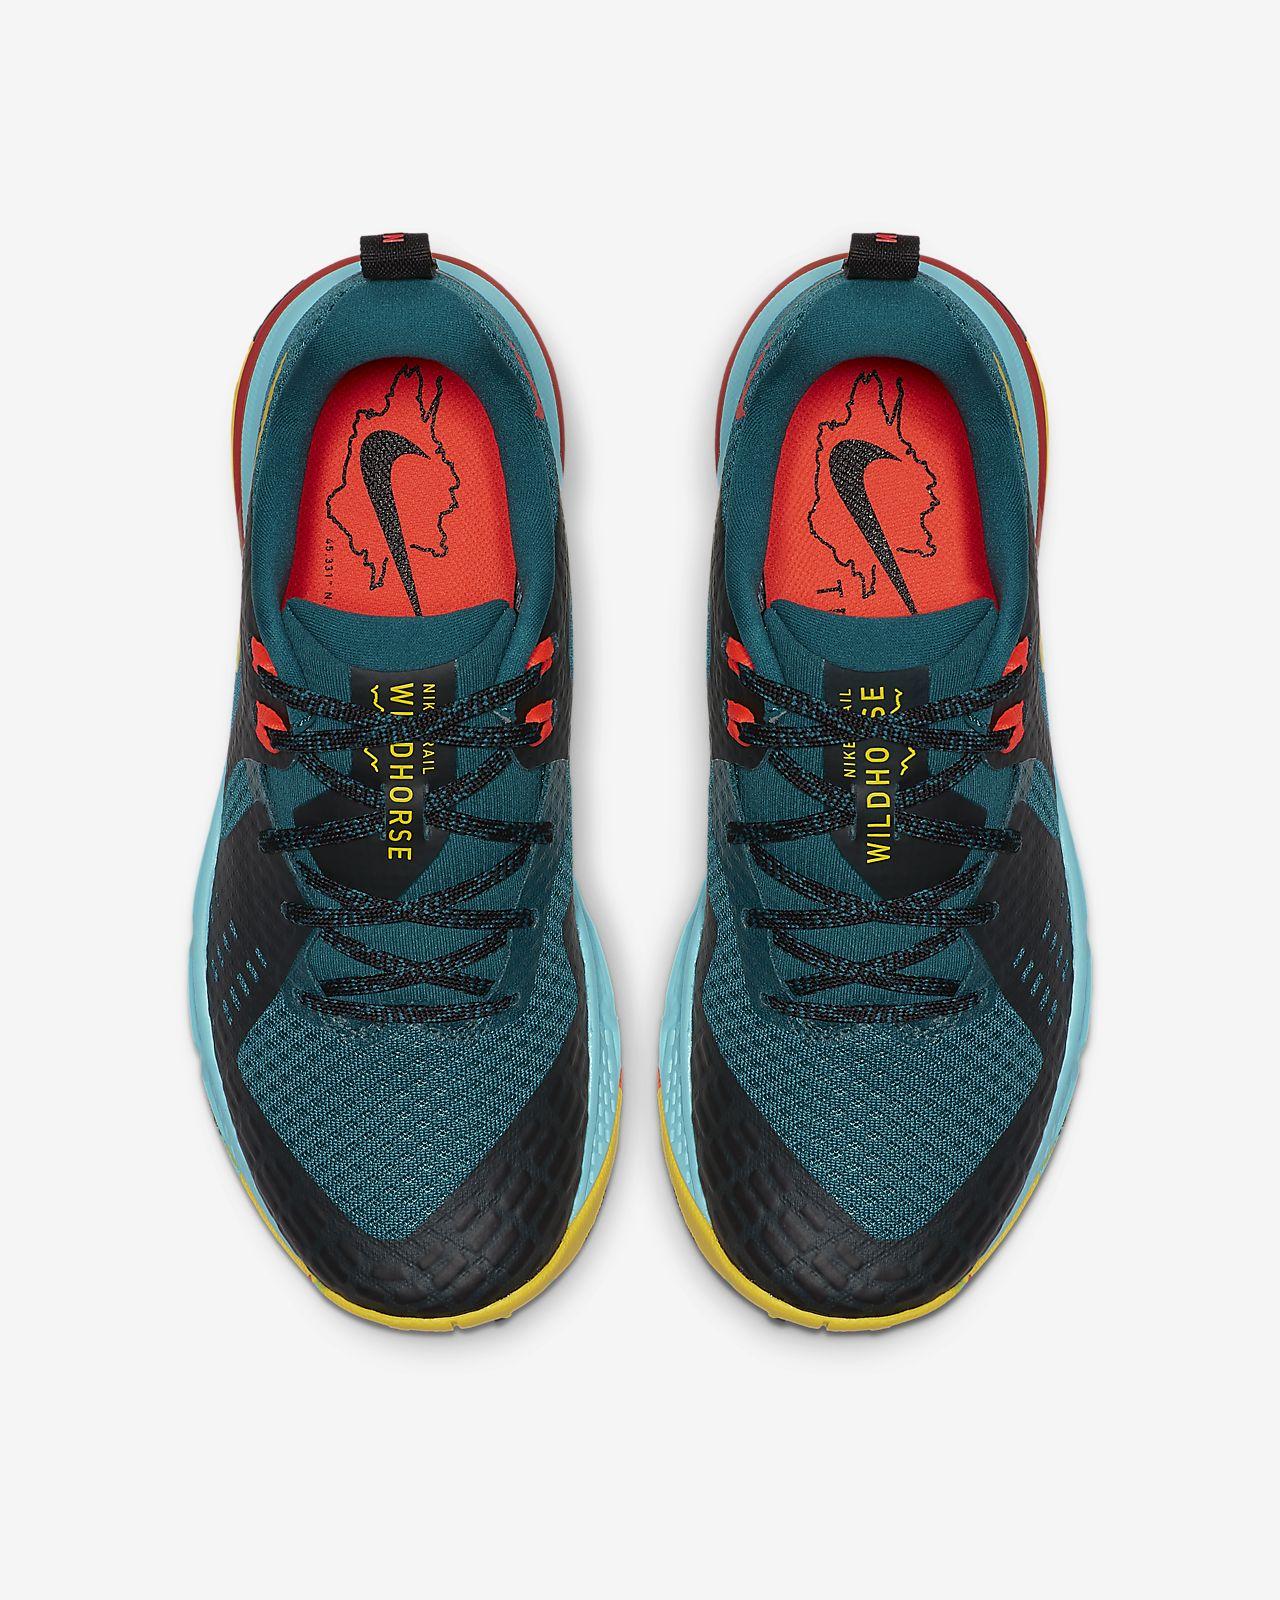 voor Wildhorse Nike Air Hardloopschoen dames Zoom 5 BrCoedQxW